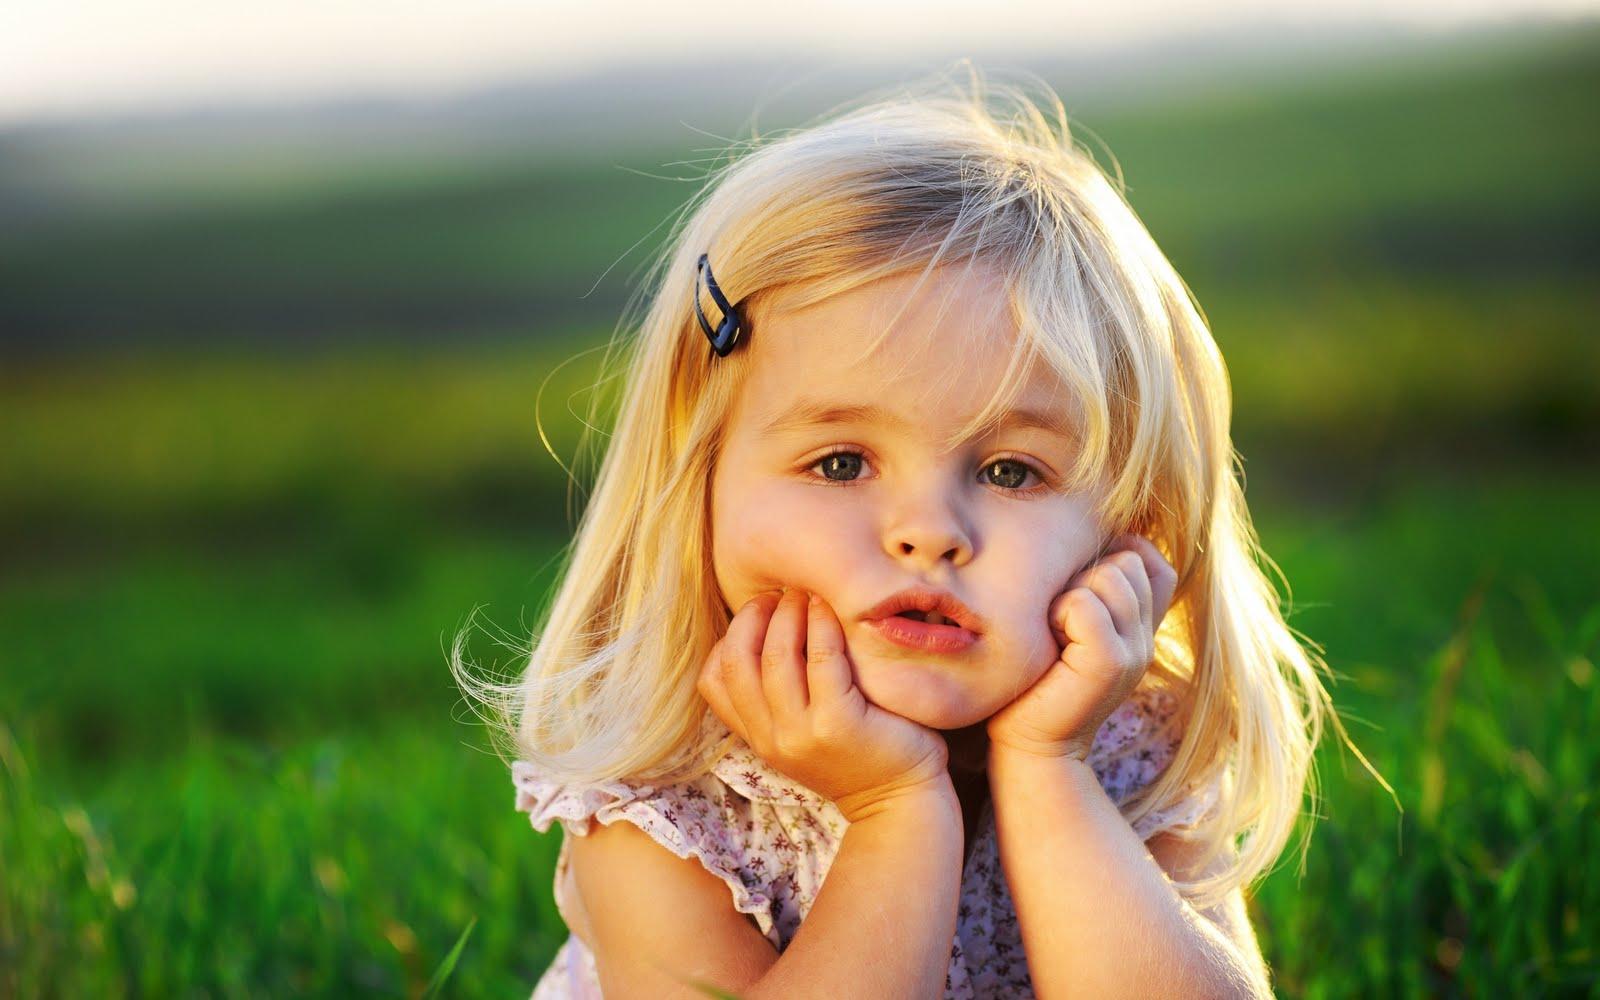 http://3.bp.blogspot.com/-ezwIMZoF_po/TmhzDbRA7II/AAAAAAAADHo/3QsdC8LKnLY/s1600/cute_little_baby_girl.jpg